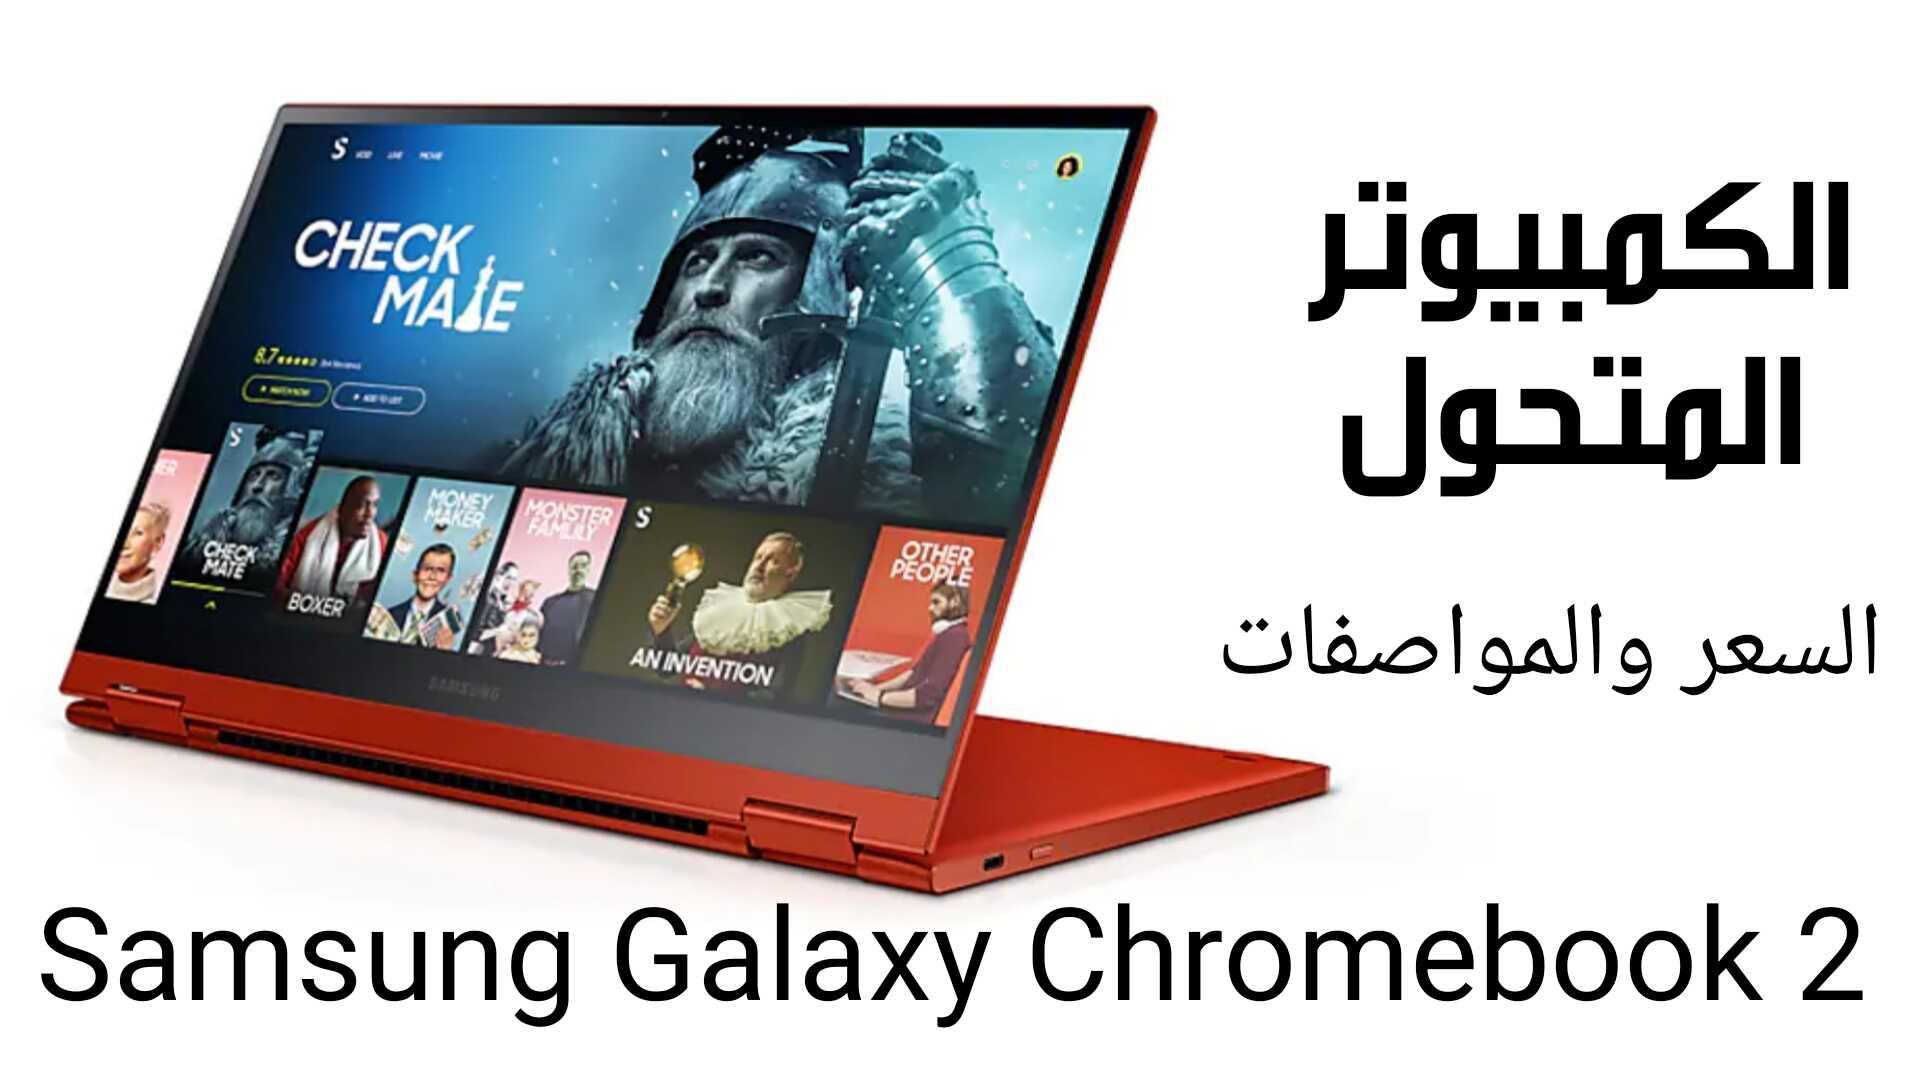 الكمبيوتر المتحول Galaxy Chromebook 2 من سامسونج / السعر والمواصفات